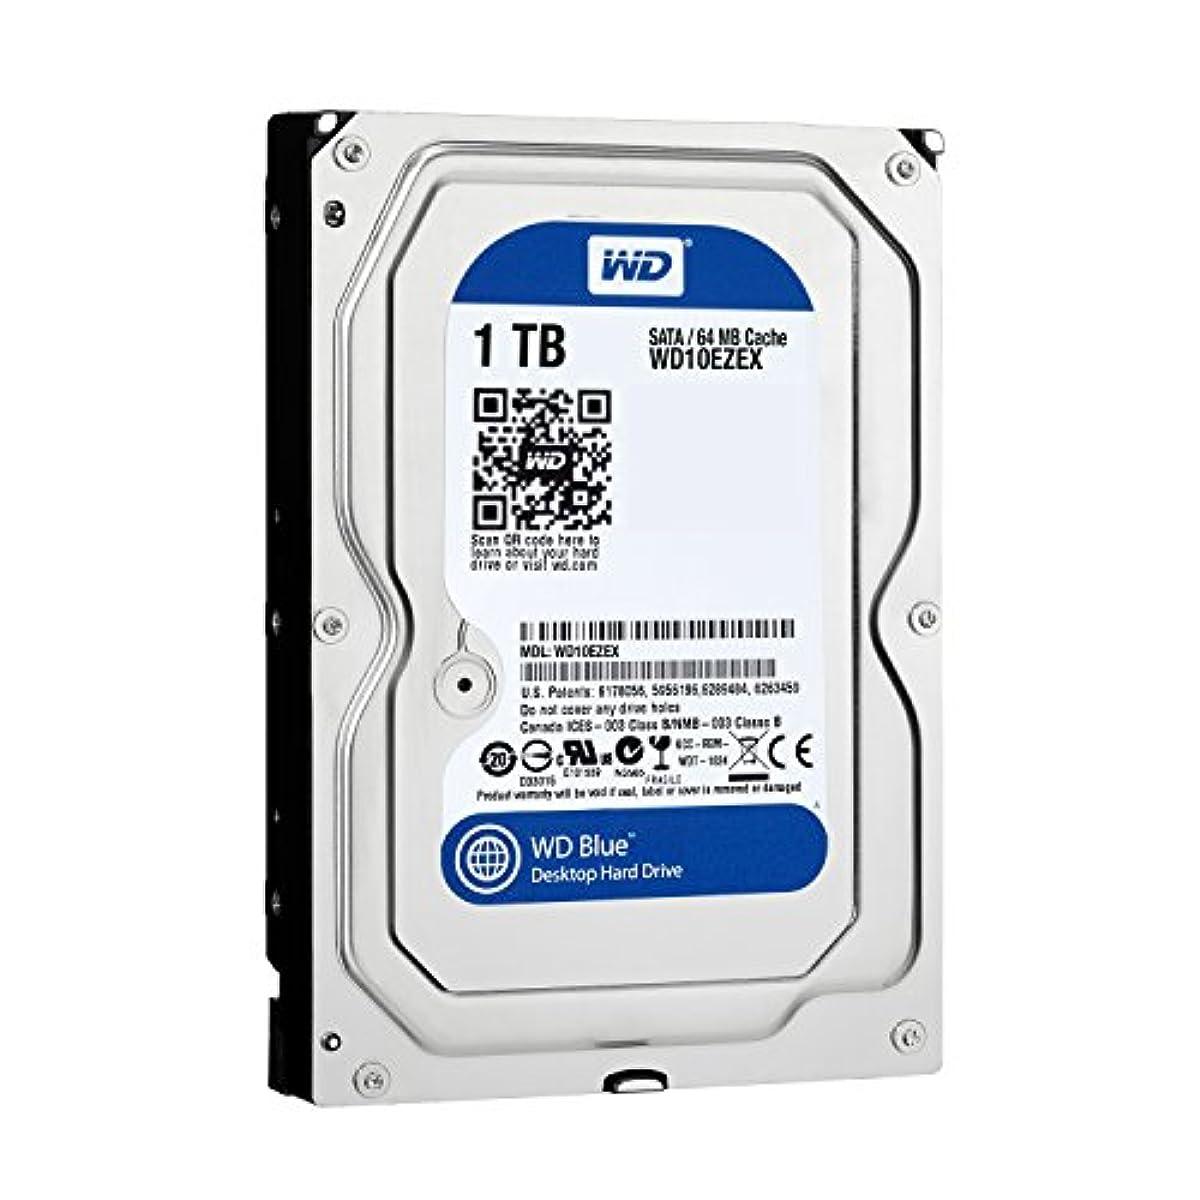 [해외] WESTERN DIGITAL WD BLUE 내장HDD 3.5인치 스탠다드 모델 1TB SATA 3.0SATA 6GB/S WD10EZEX